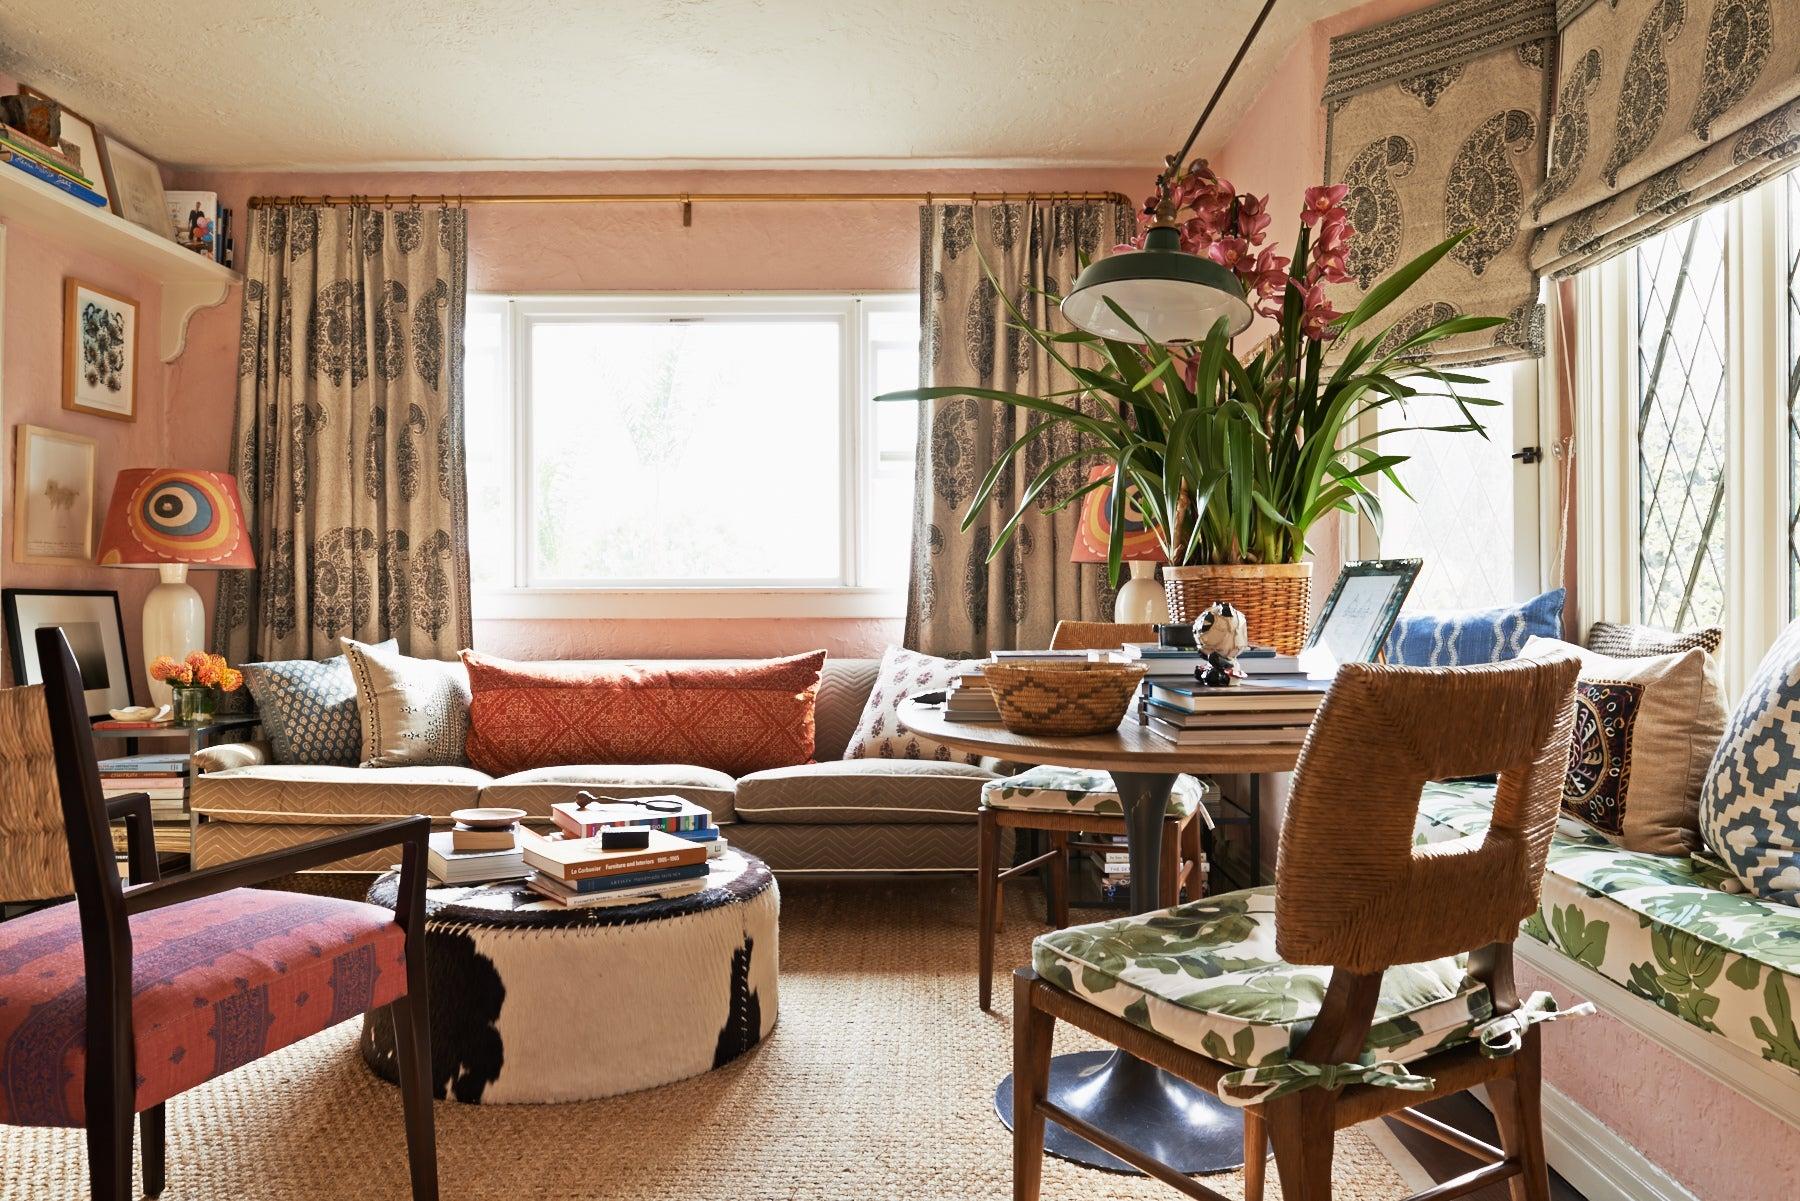 Peterdunham Brentwood By Peter Dunham Design